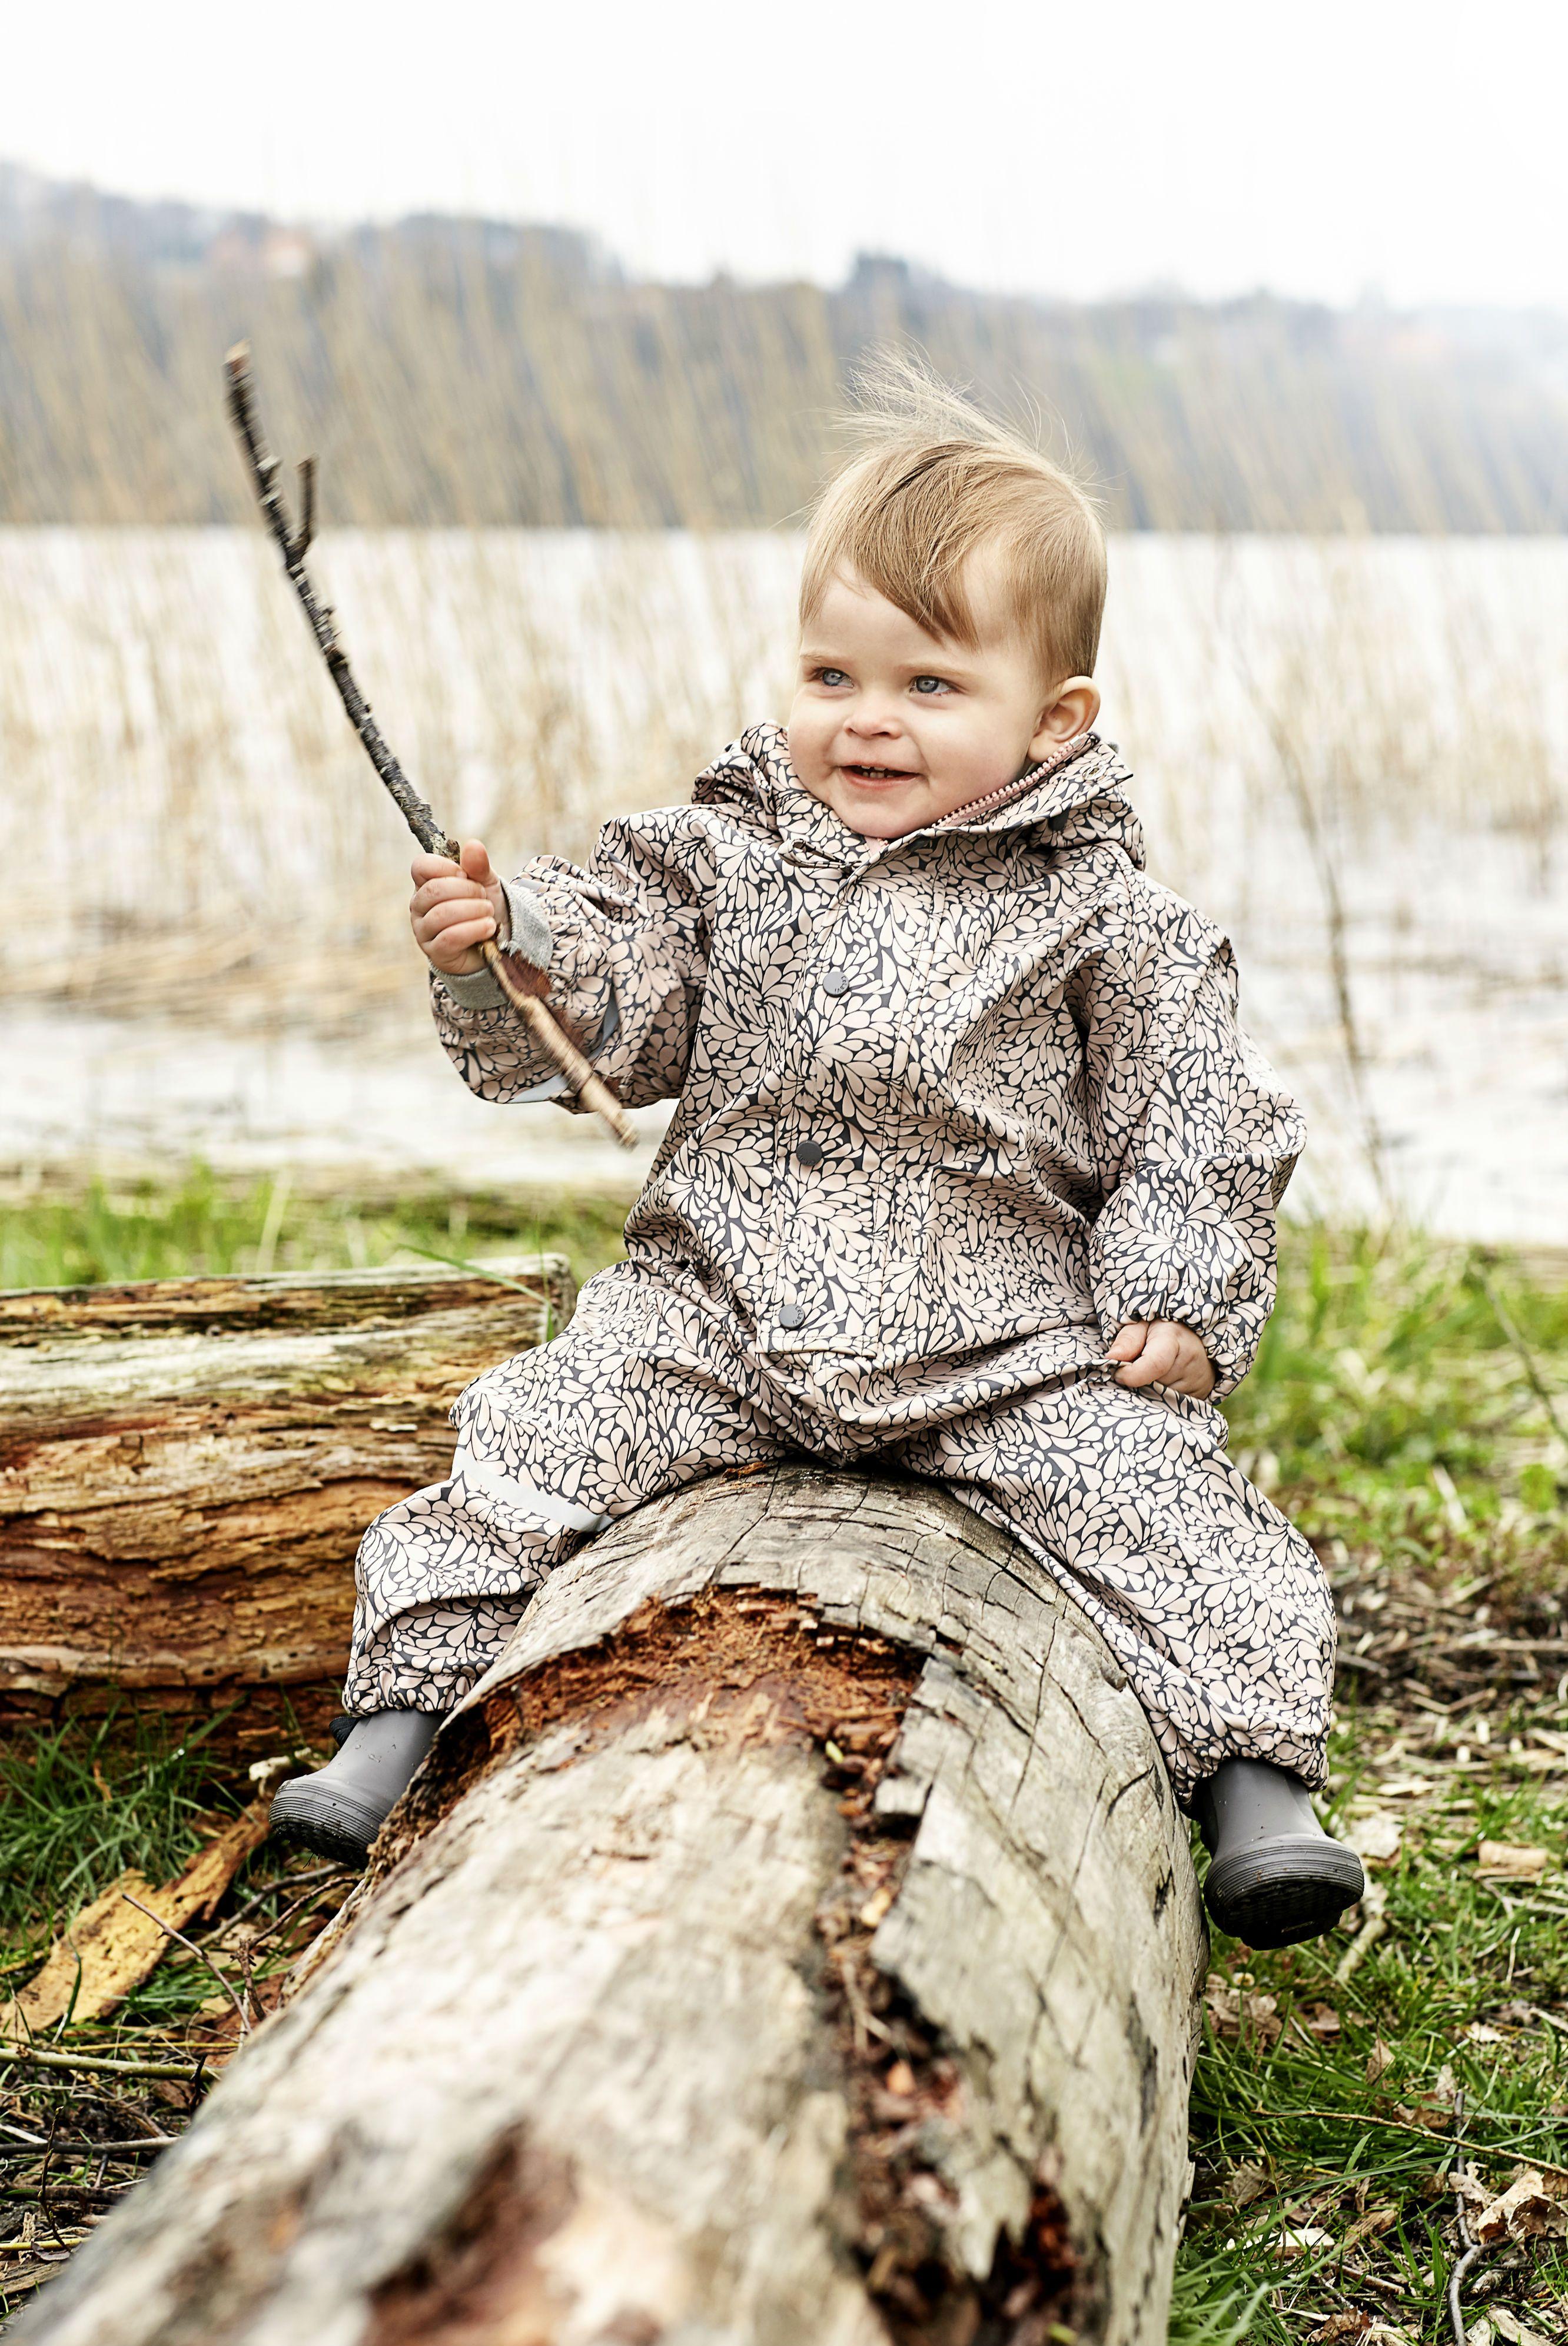 ad1f580fba2 Rainwar Suit fra CeLaVi Polka Dot - Køb PU heldragt til småbørn m.  vandsøjle 5000